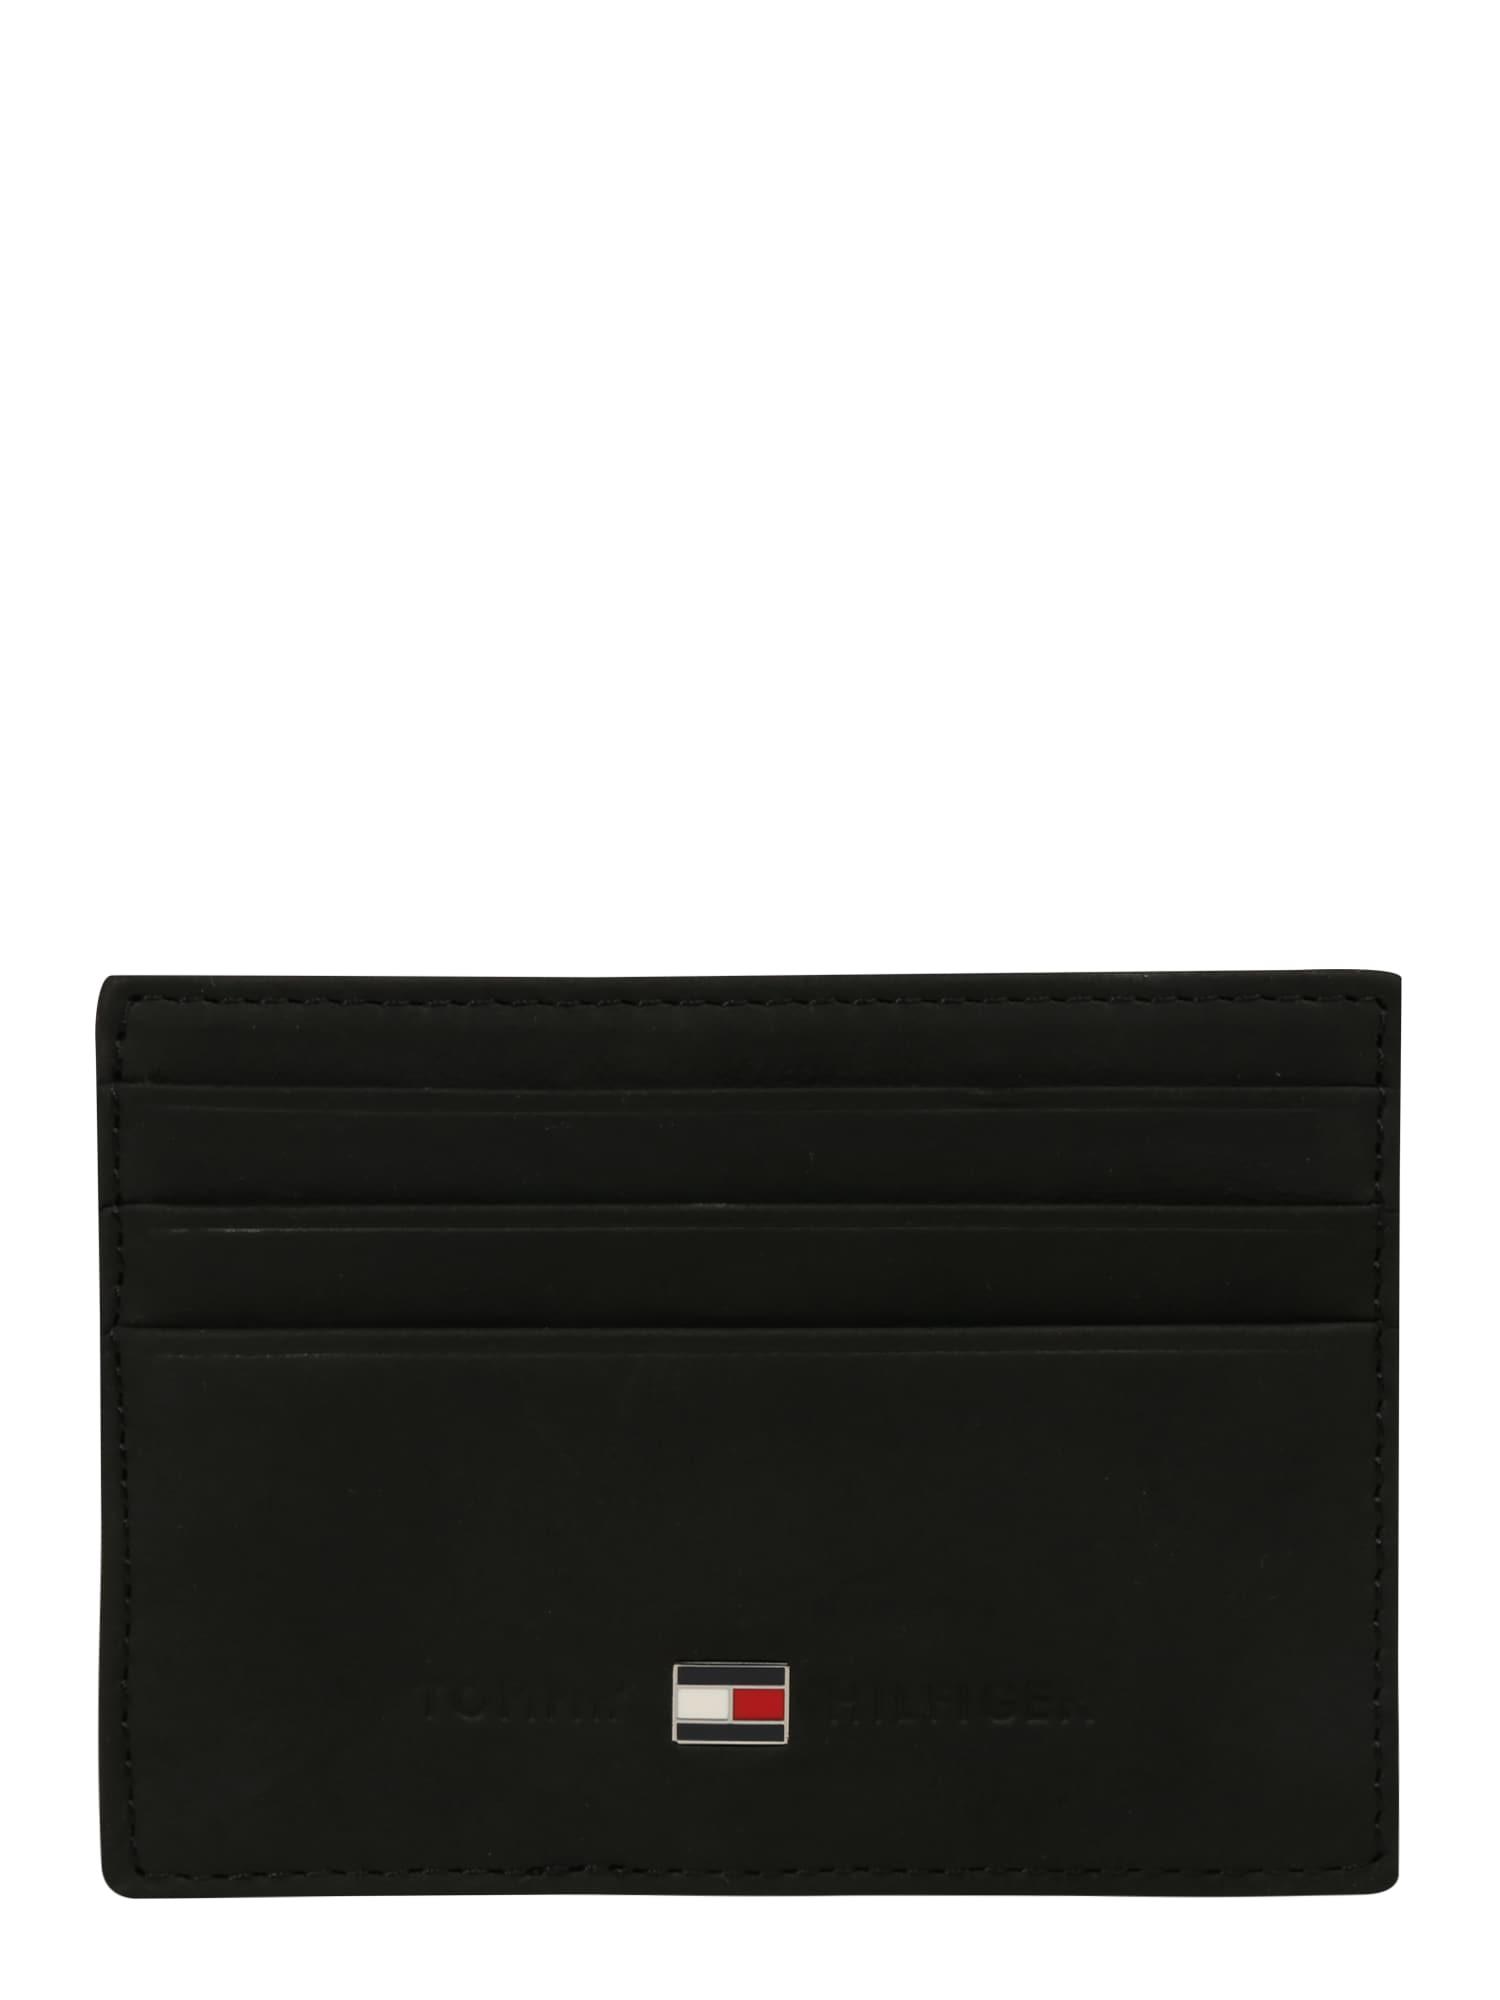 Peněženka JOHNSON červená černá bílá TOMMY HILFIGER